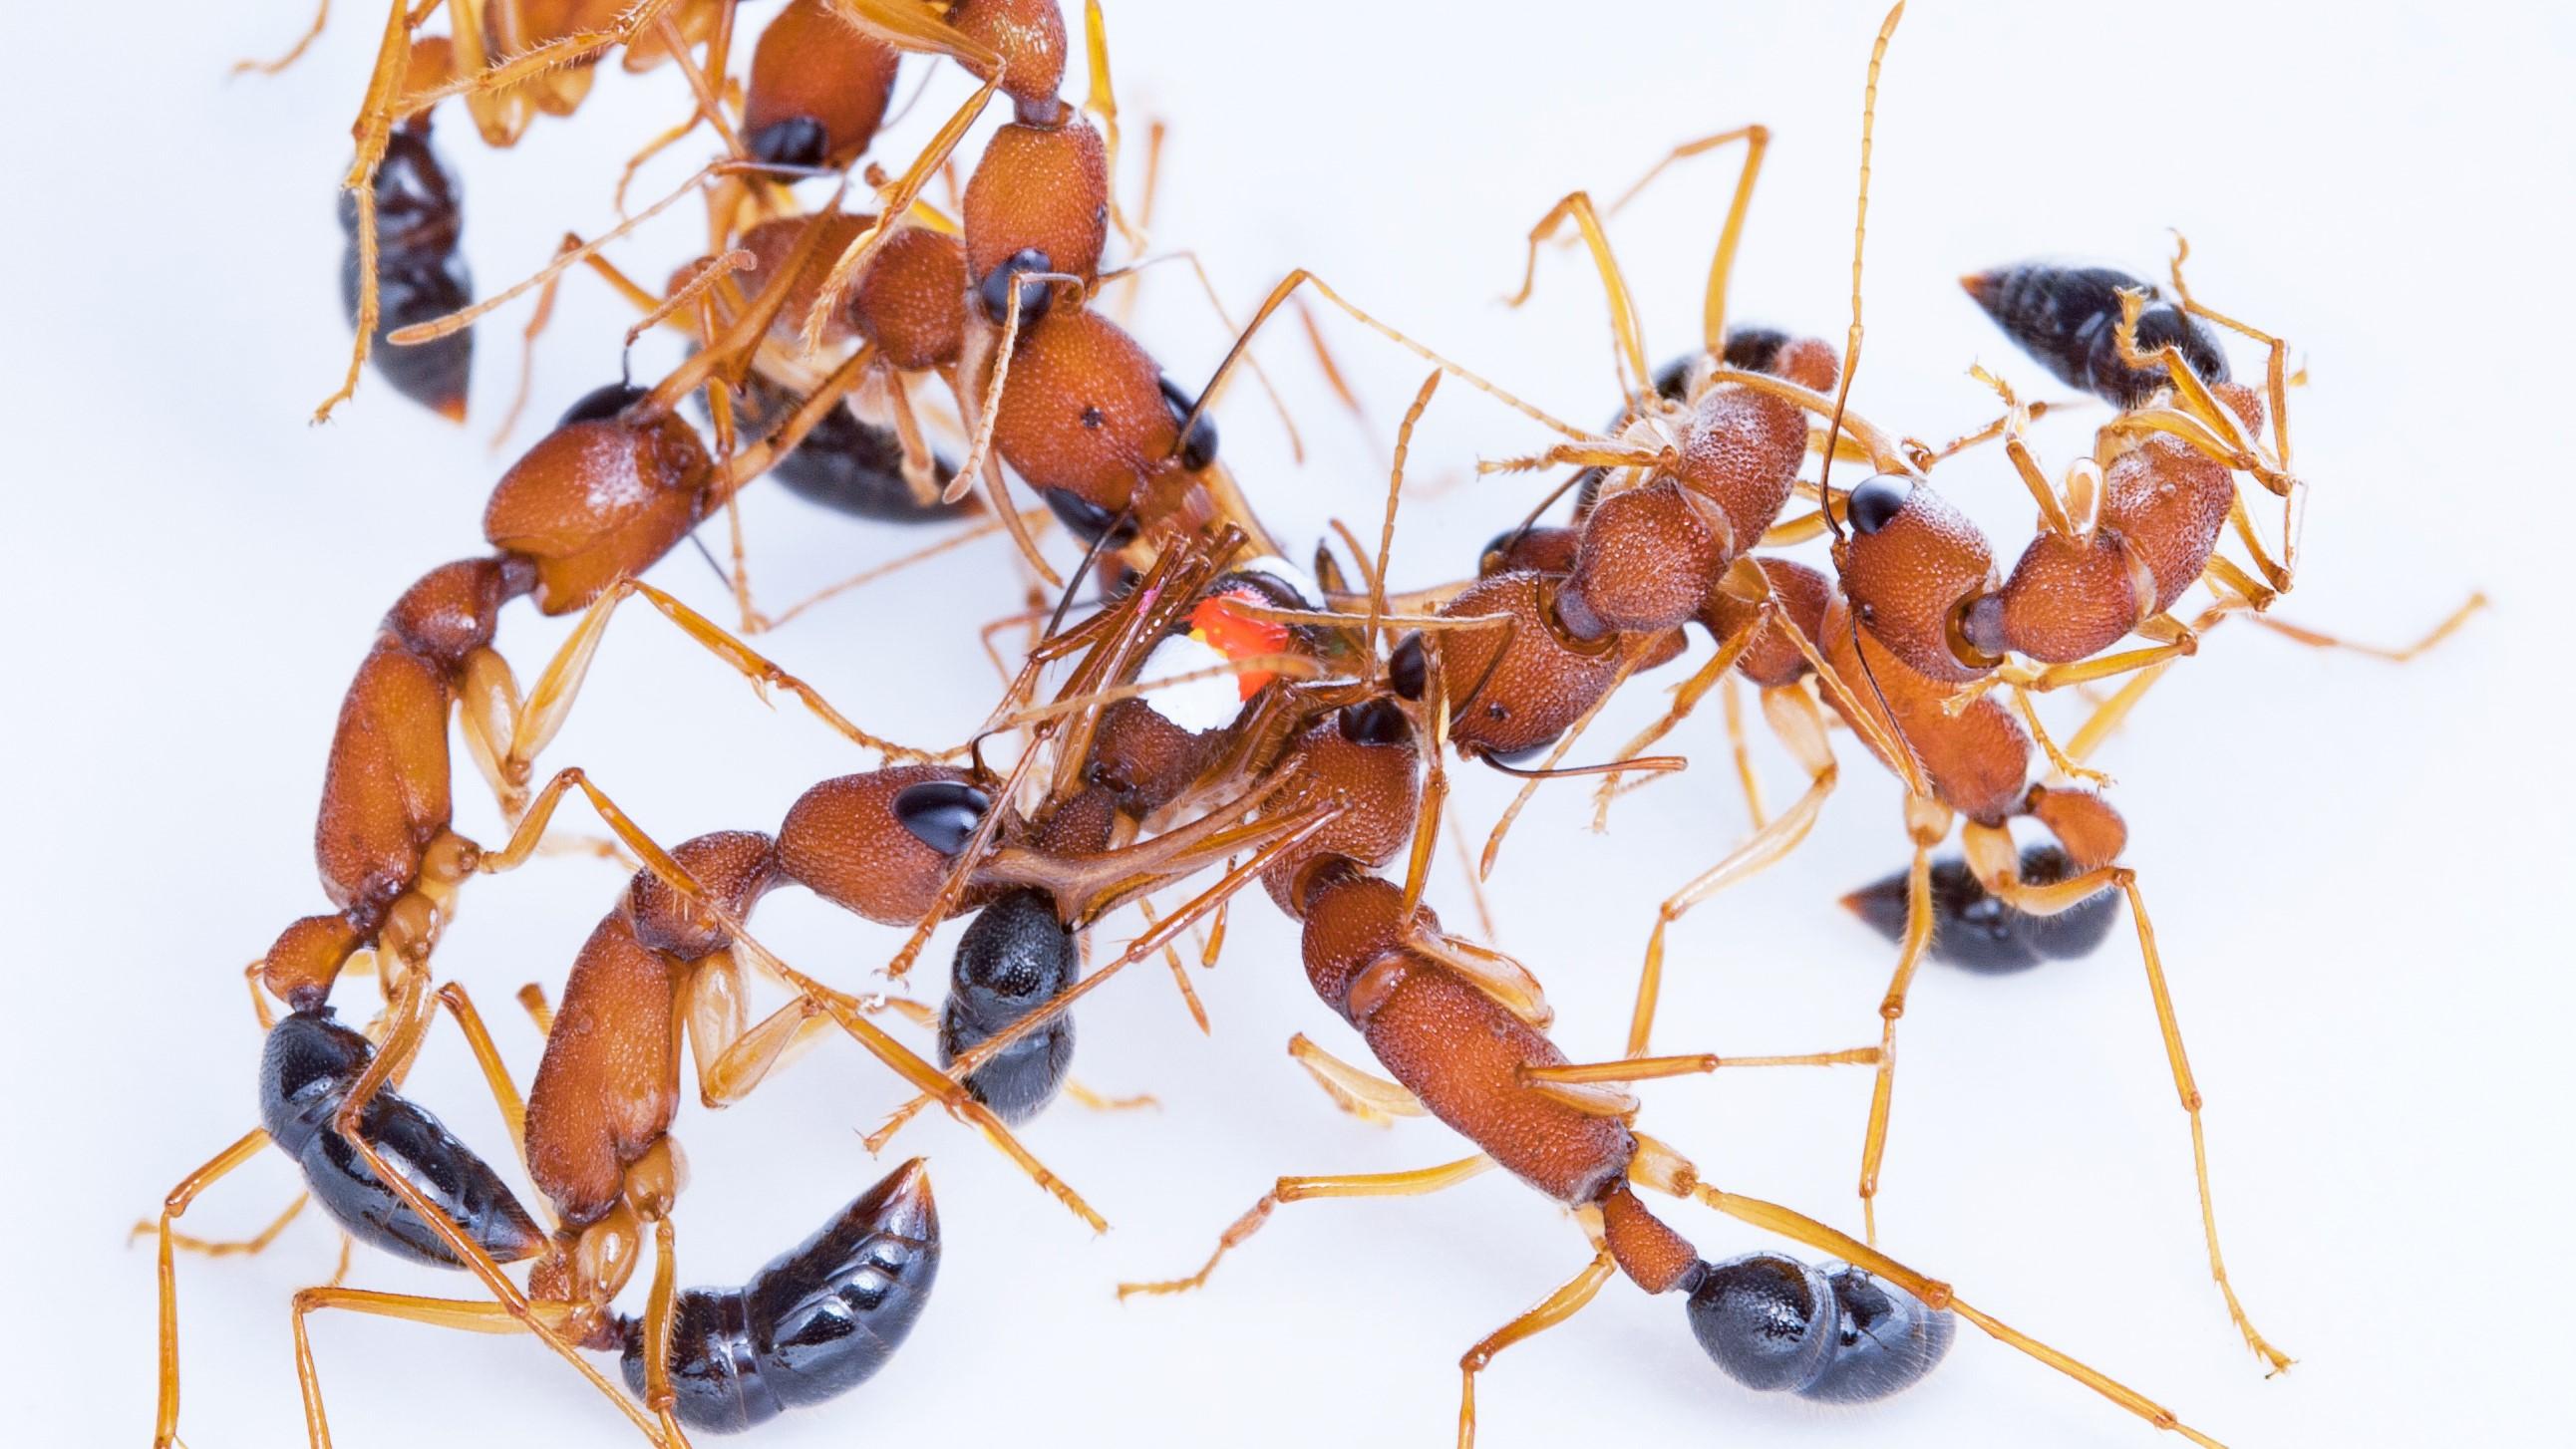 Antenne-boxe des fourmis sauteuses indiennes pour décider qui deviendra reine.